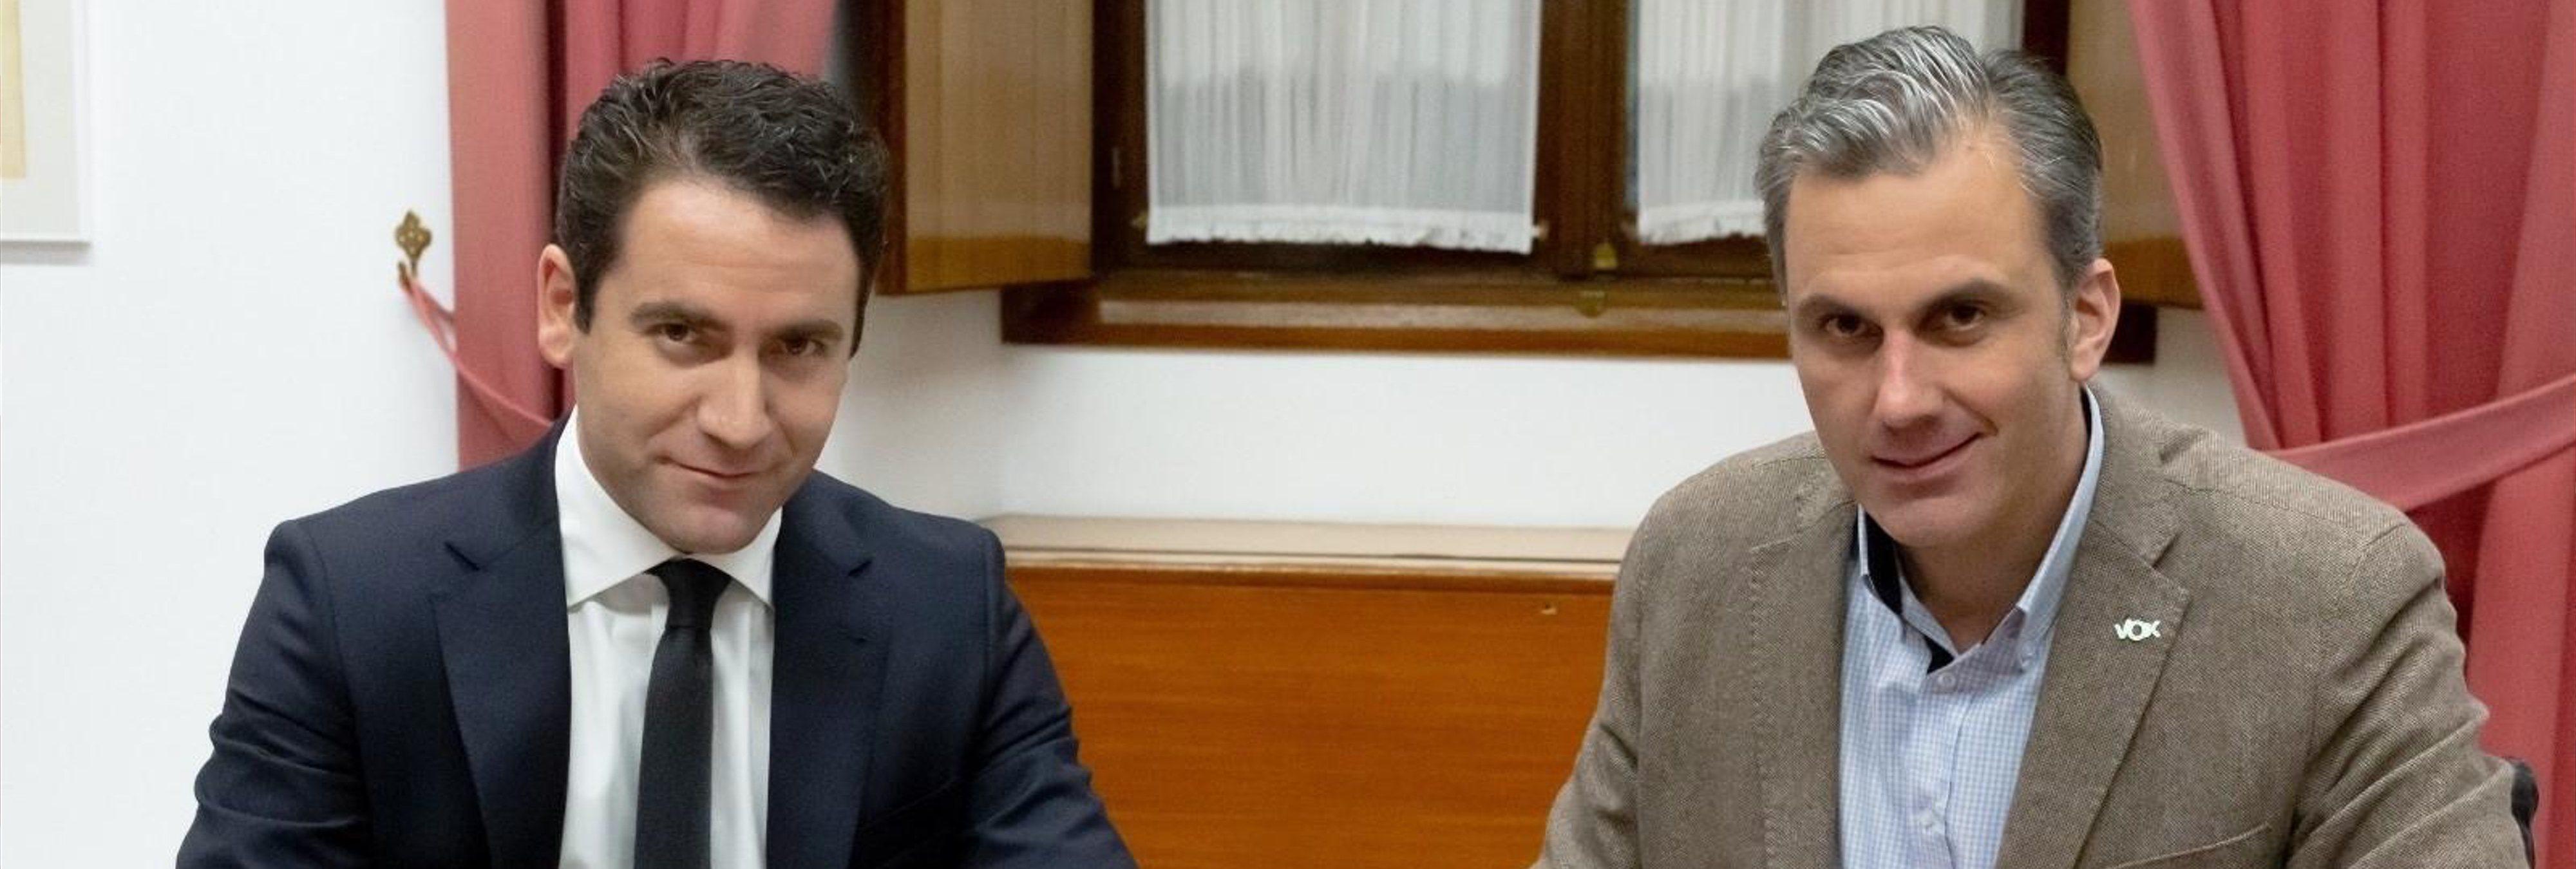 VOX exige expulsar a 52.000 inmigrantes y derogar la Ley LGTBI en su acuerdo de negociación con el PP